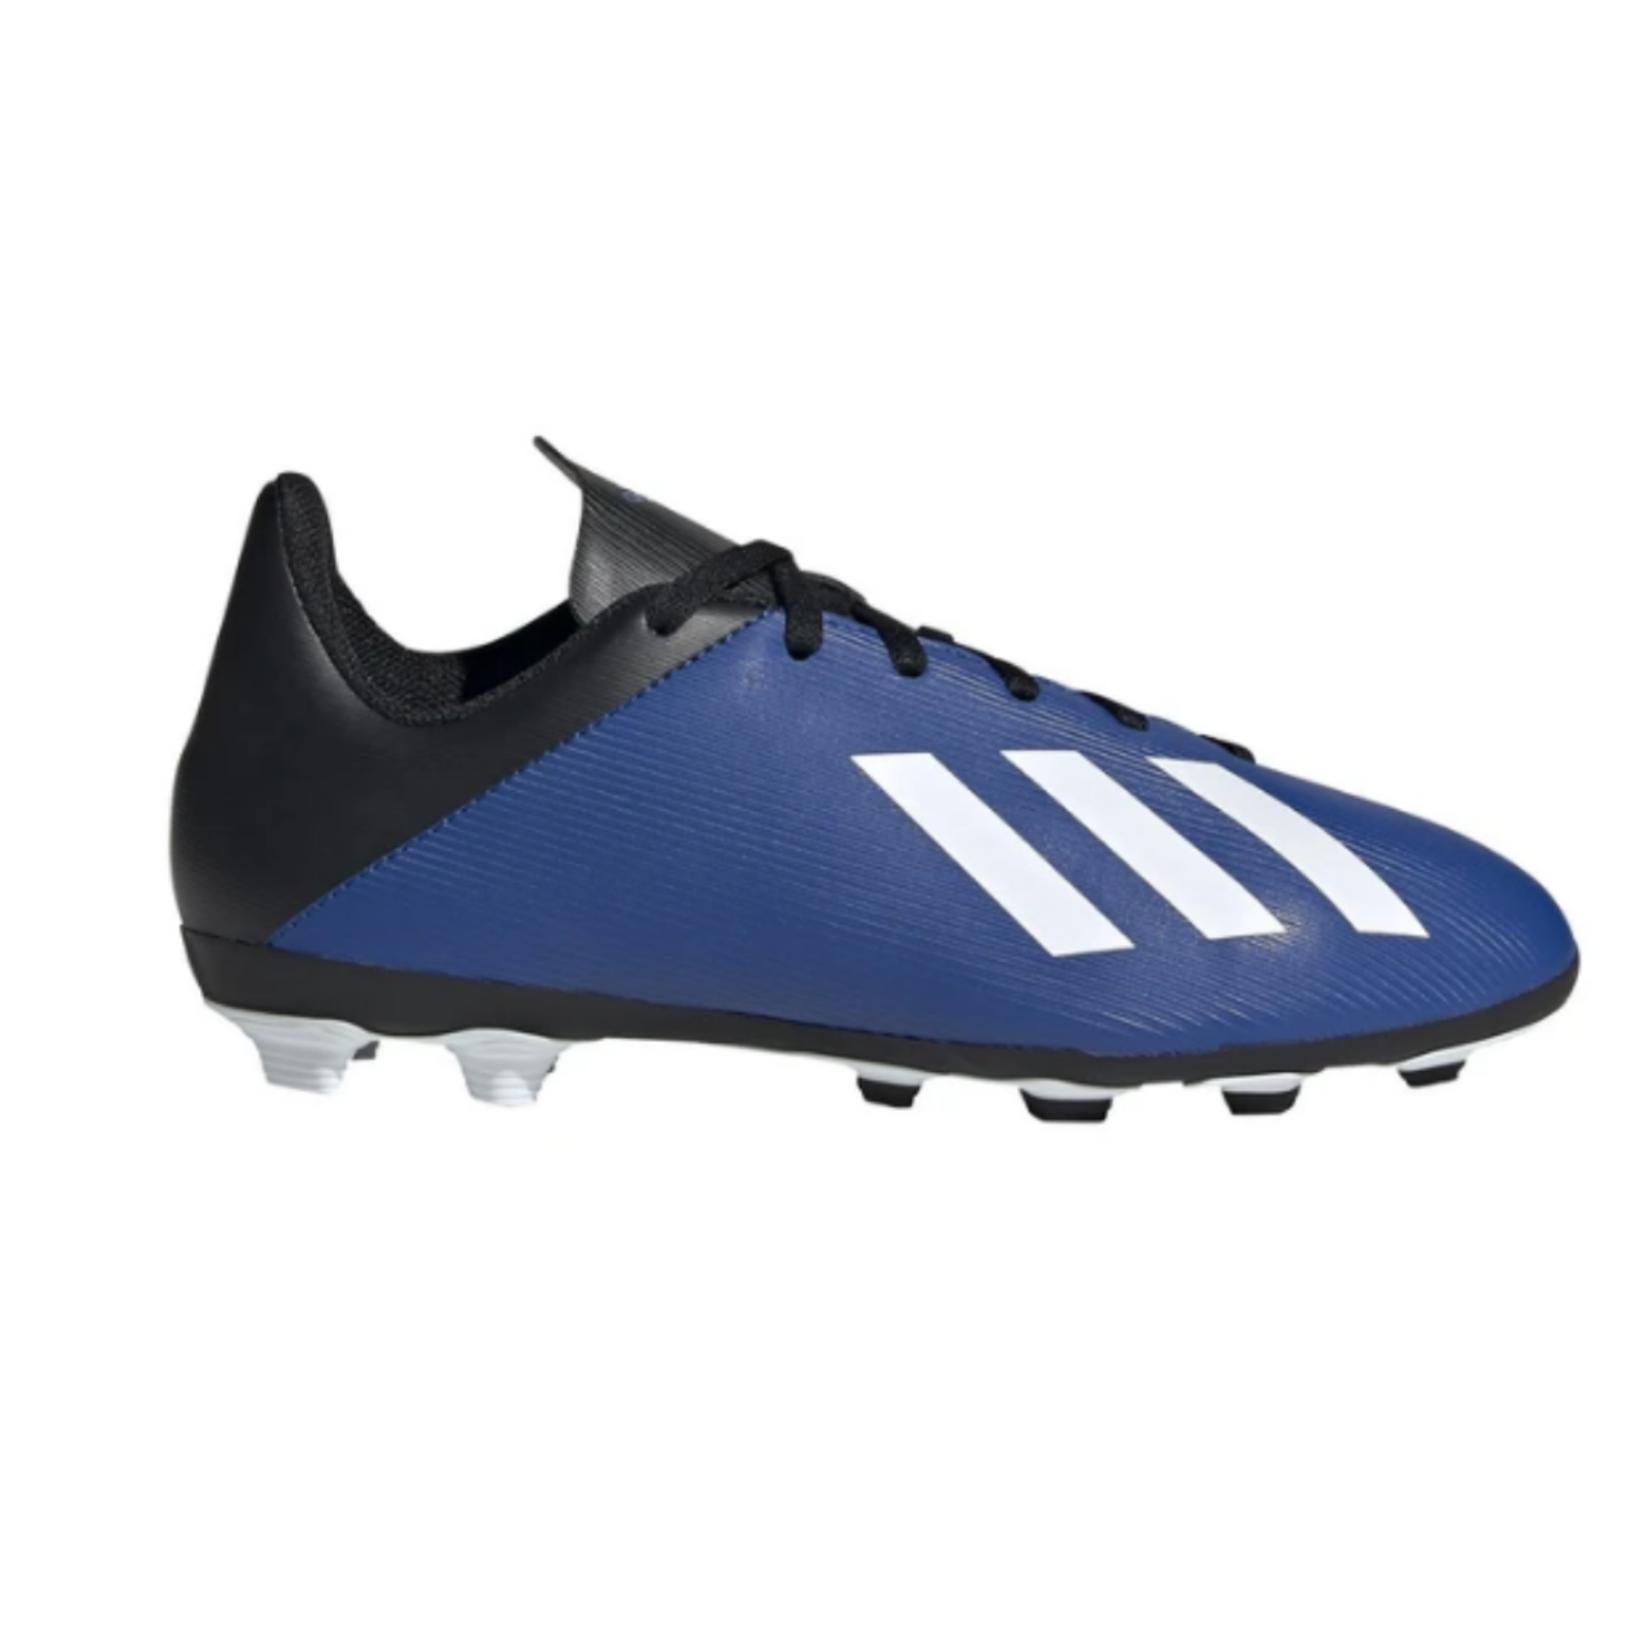 Adidas Adidas X19.4 FxG Soccer Cleat